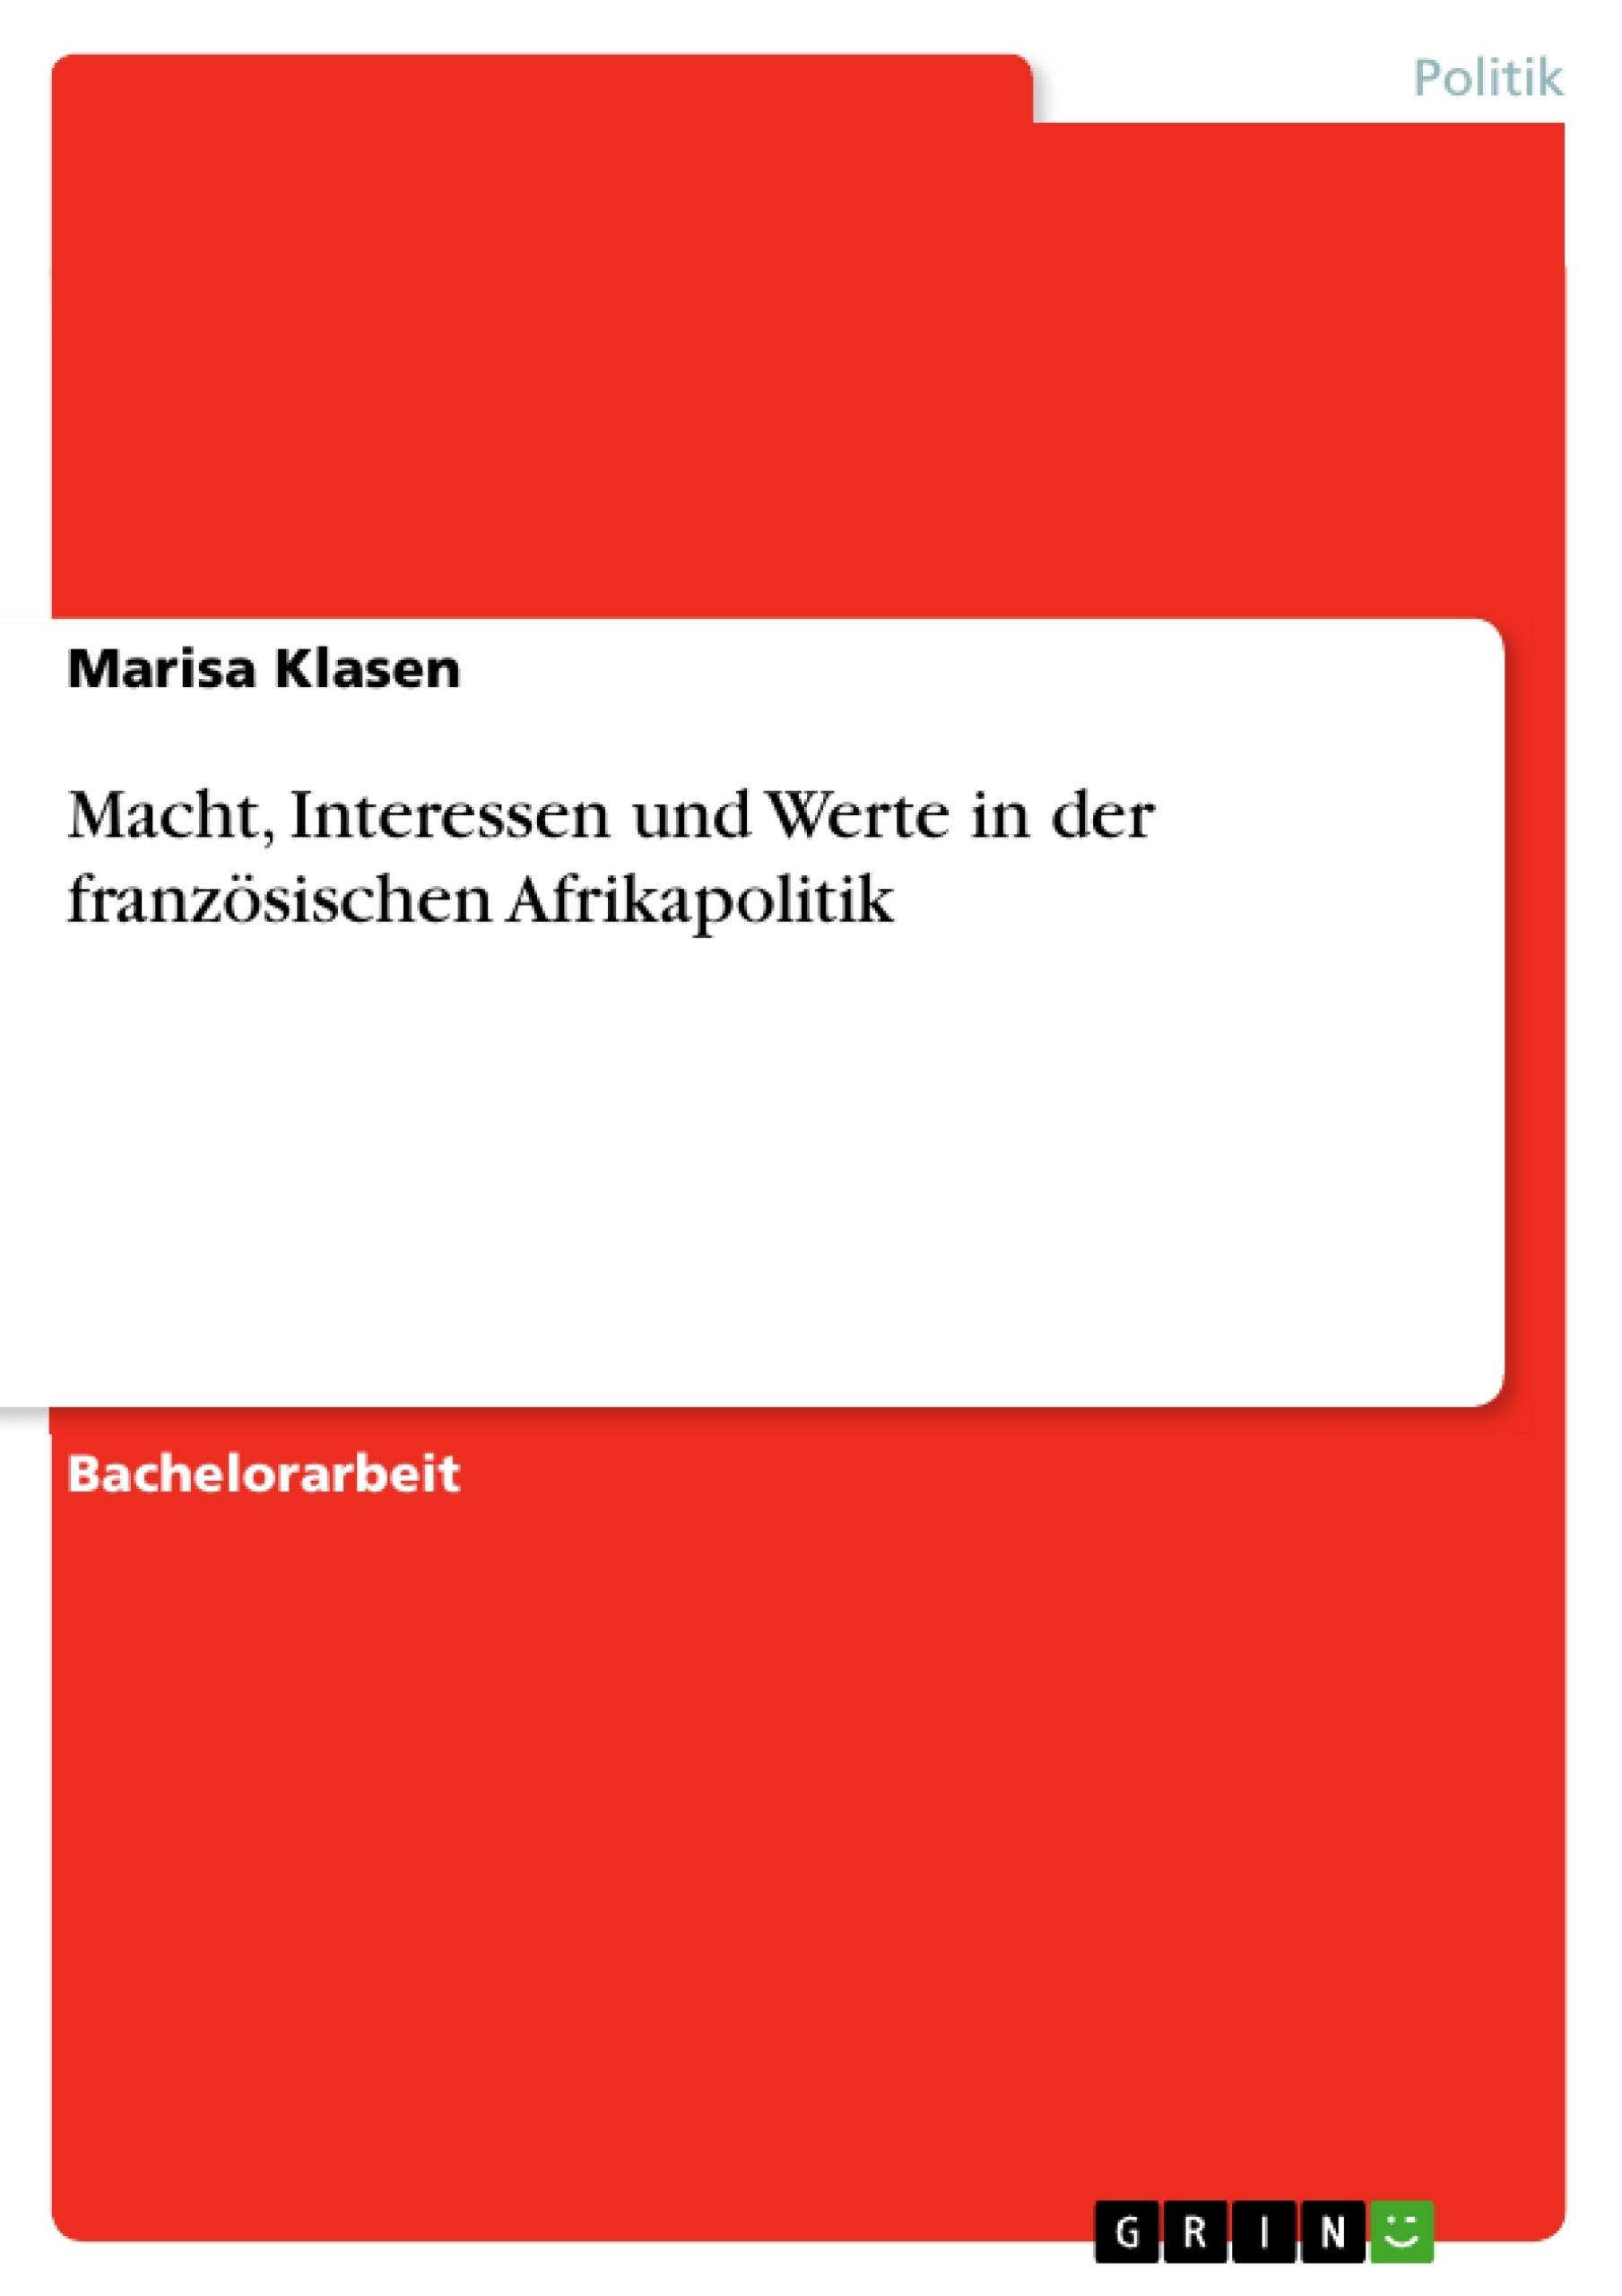 Titel: Macht, Interessen und Werte in der französischen Afrikapolitik